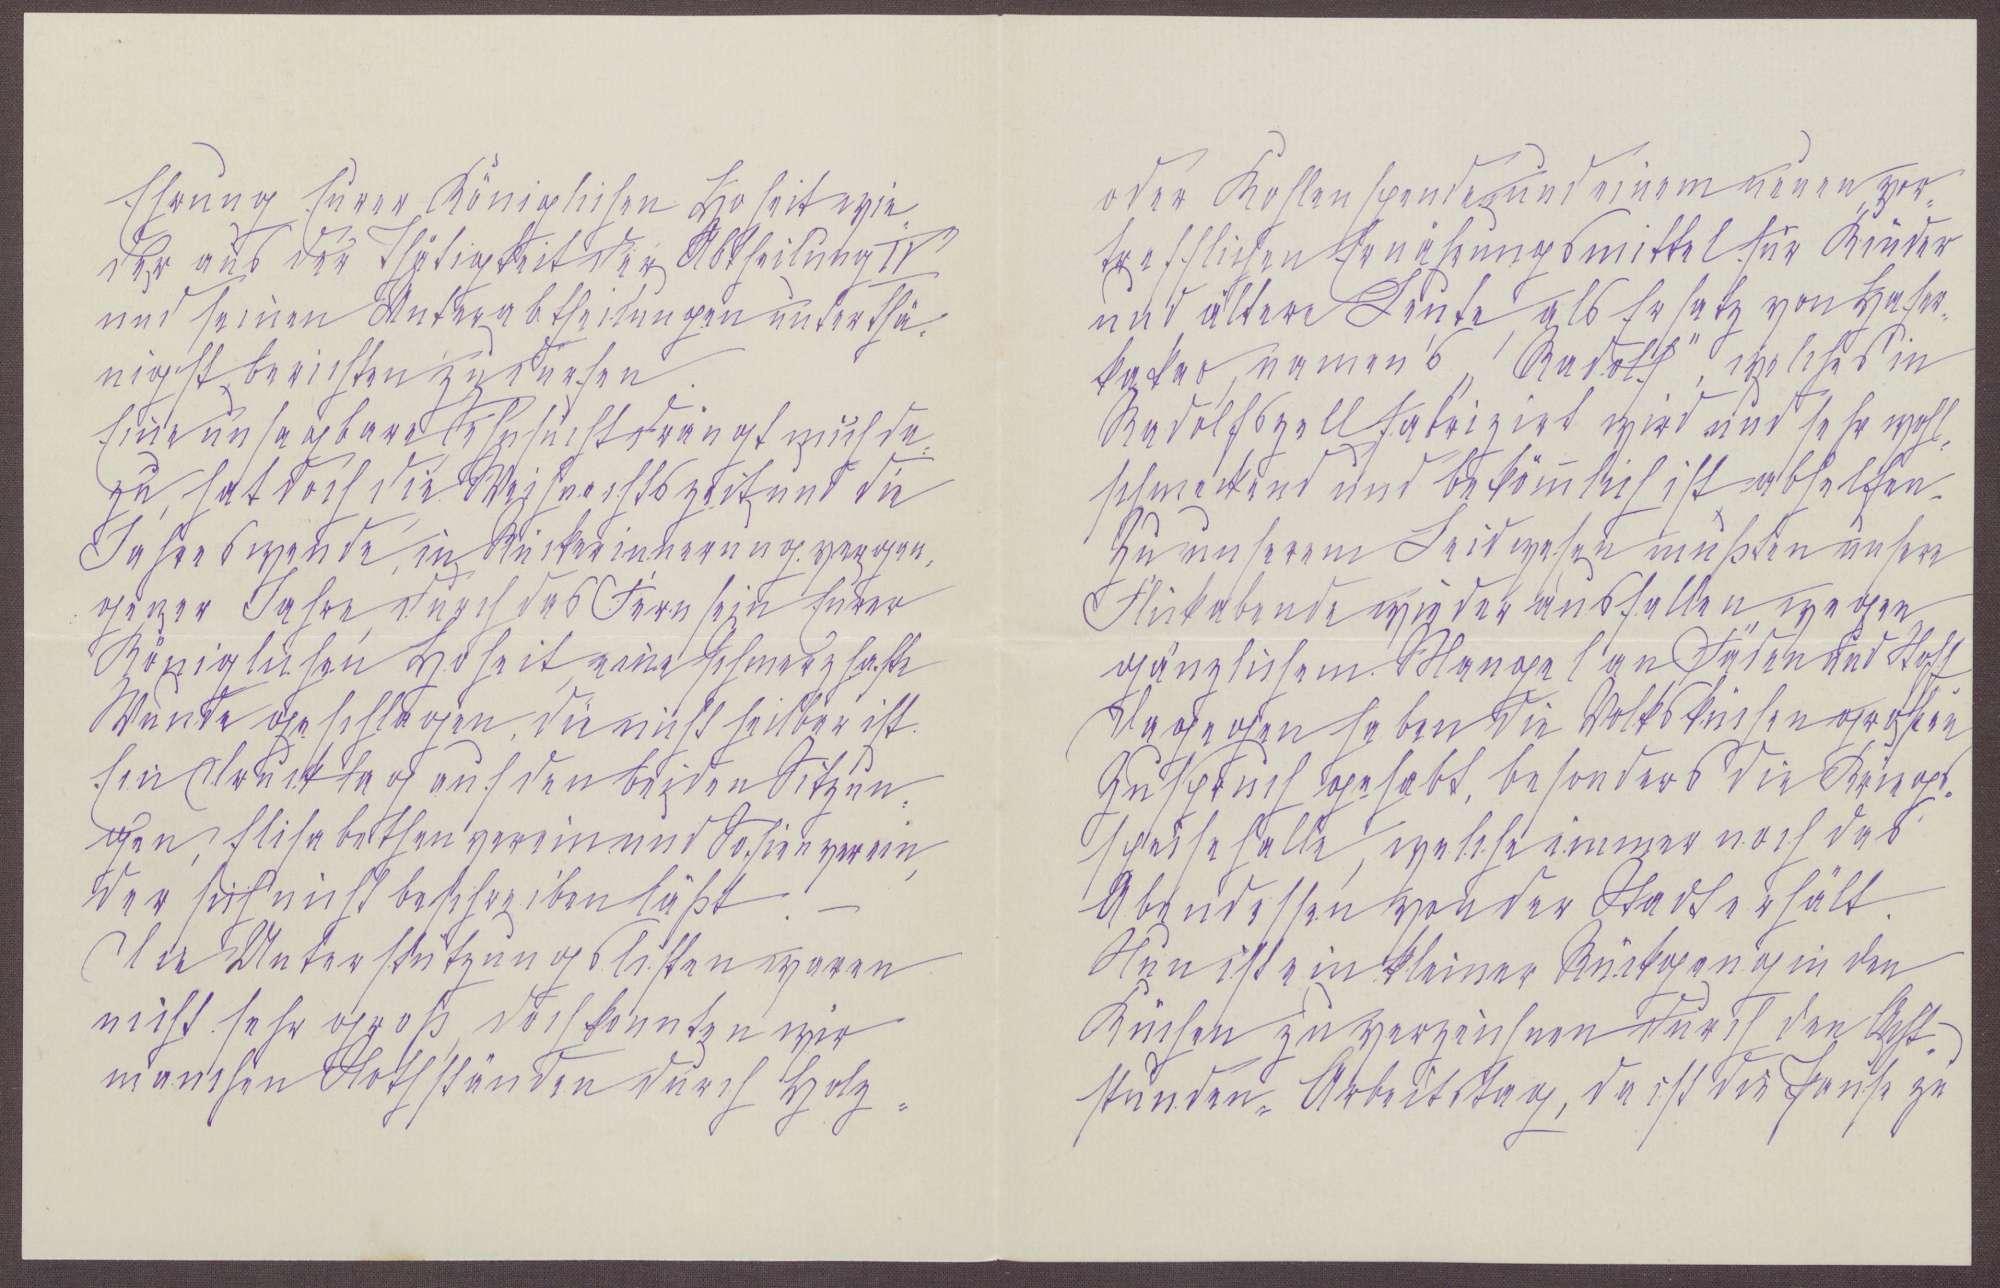 Schreiben von Anna Haas an die Großherzogin Luise; Holz-, Kohle- und Nahrungsmittelspenden und Renovierungsarbeiten in dem Heim, Bild 3